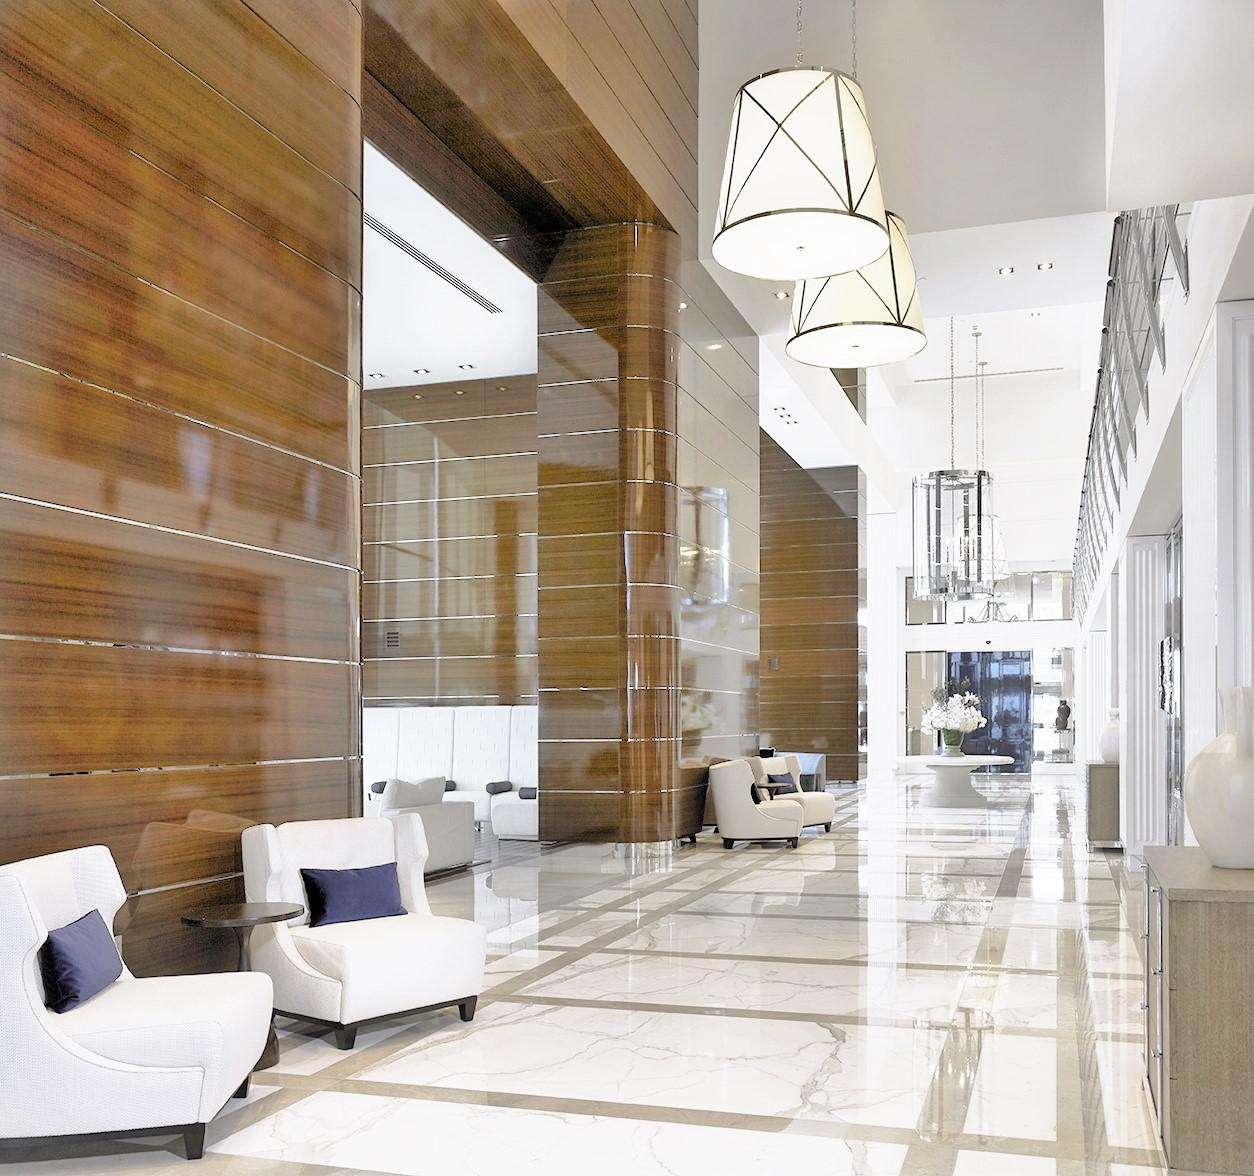 Interior Design of all common areas - Condo Building, Sunny Isles, Fl